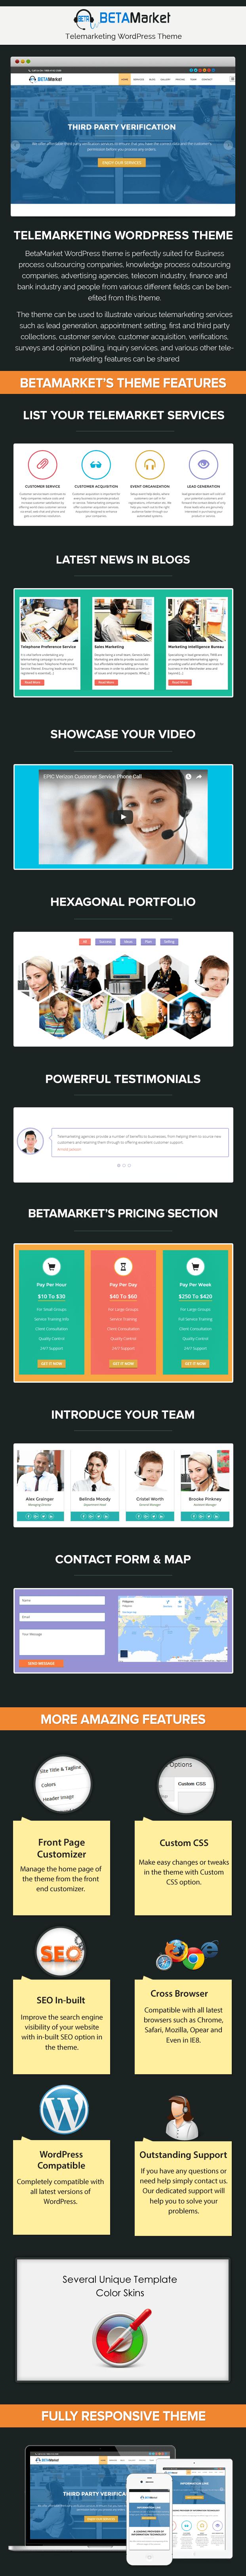 BetaMarket